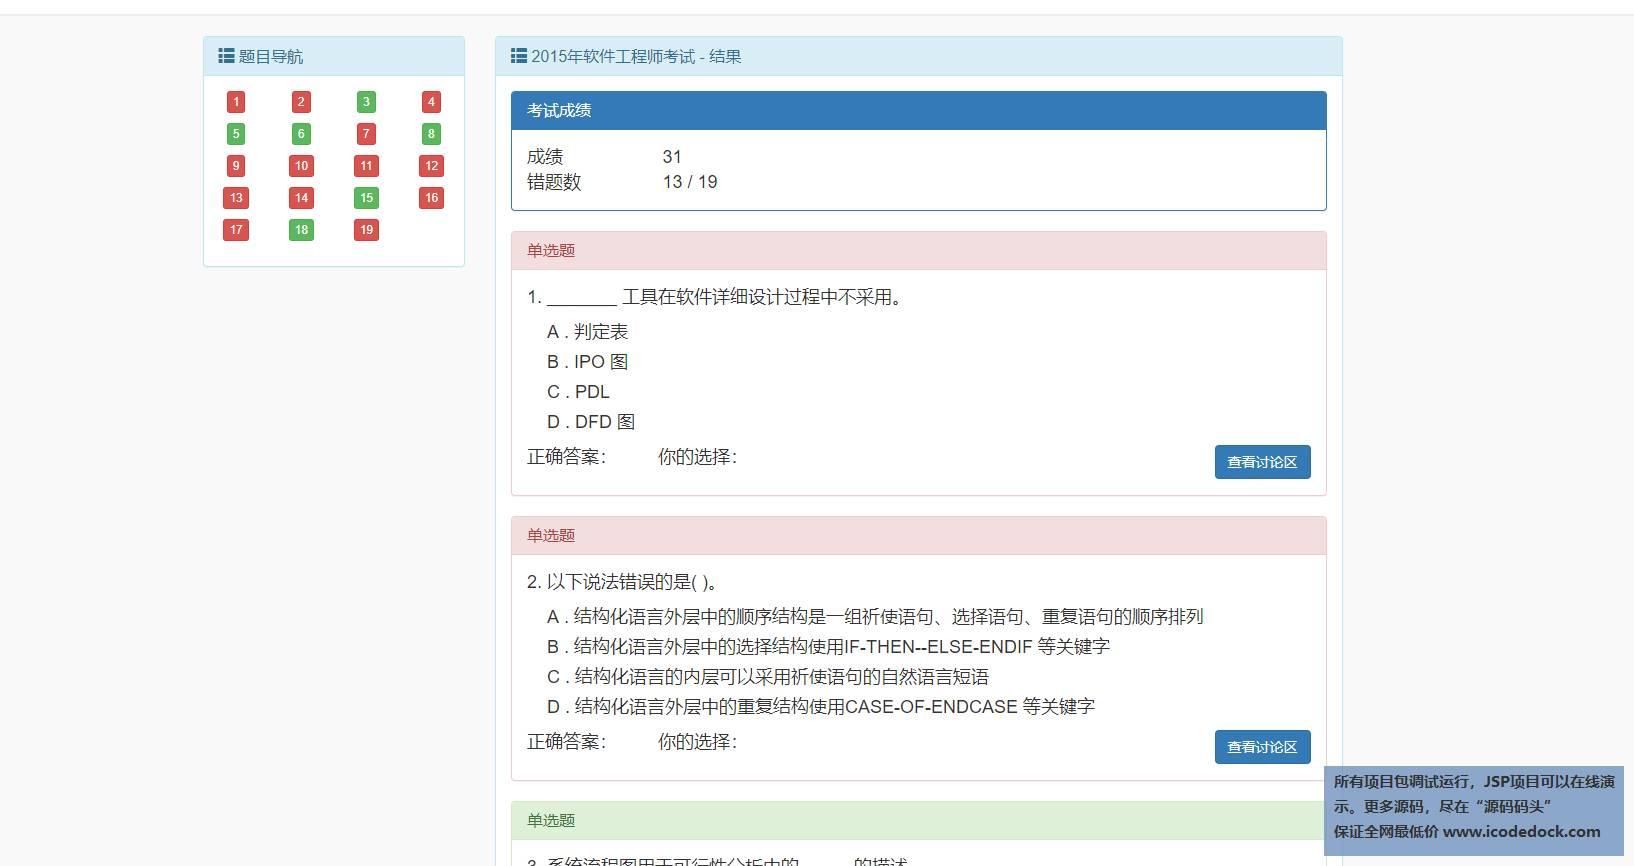 源码码头-SSM在线考试管理系统-学生角色-自动阅卷